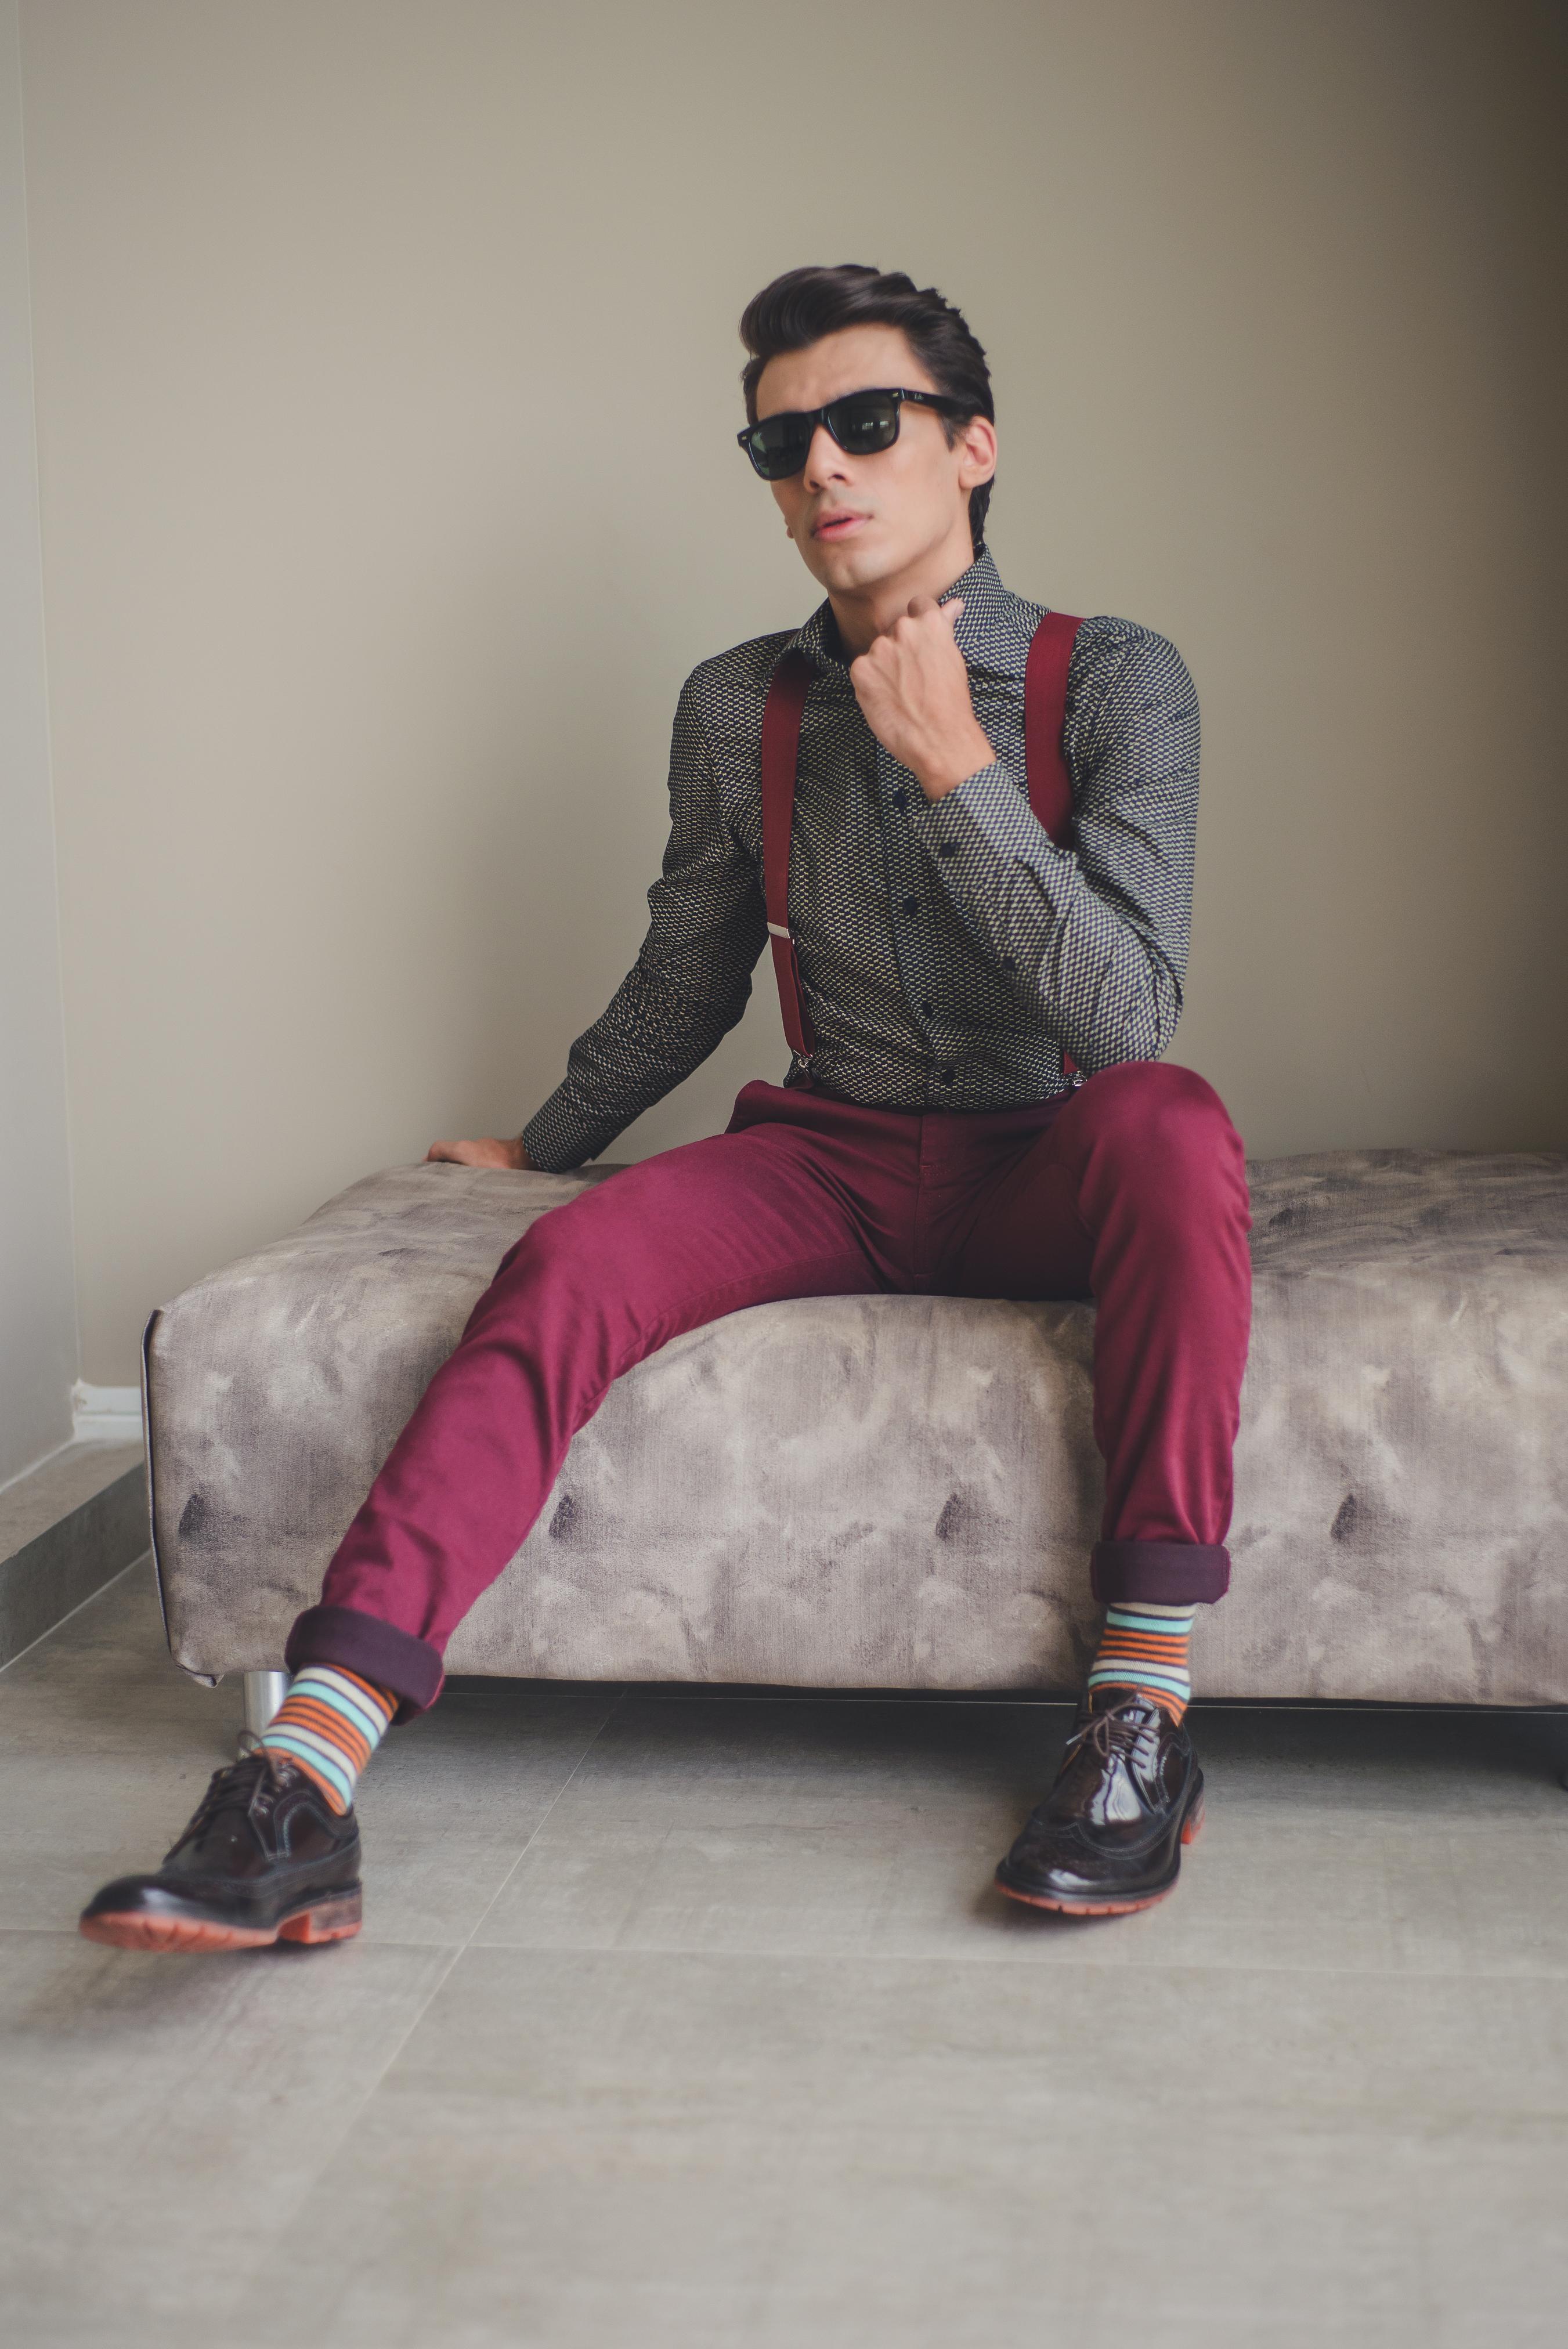 alex-cursino-youtuber-blogger-fashion-blogger-ootd-moda-classica-suspensorio-masculino-como-usar-suspensorio-rafaella-santiago-matheus-komatsu-editorial-de-moda-menswear-dicas-de-moda-4